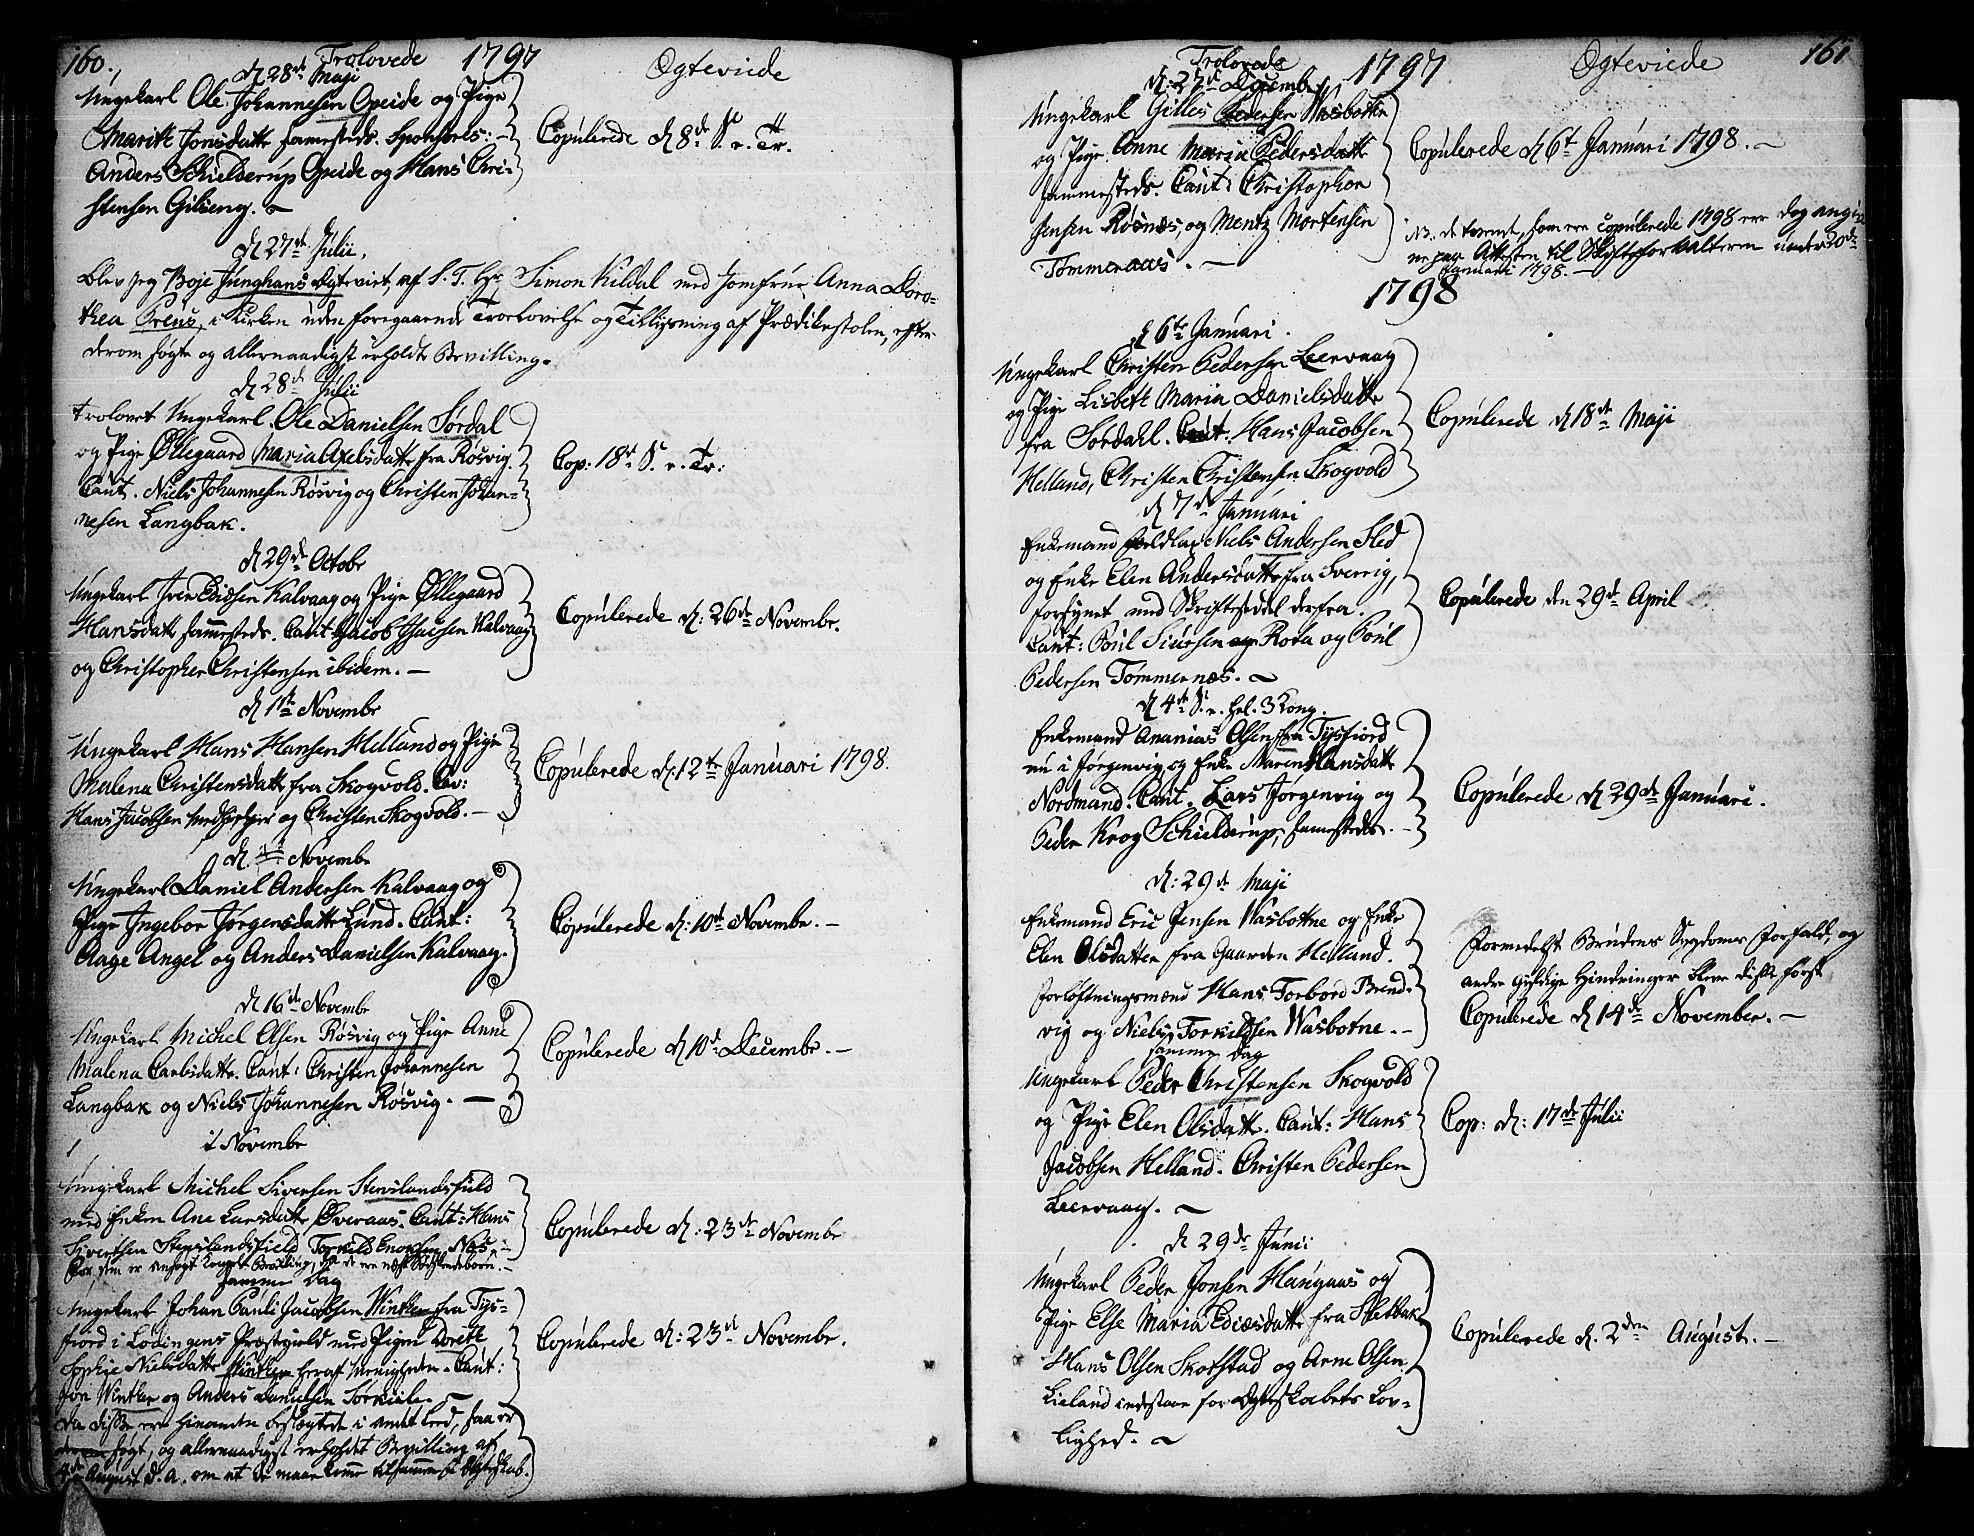 SAT, Ministerialprotokoller, klokkerbøker og fødselsregistre - Nordland, 859/L0841: Parish register (official) no. 859A01, 1766-1821, p. 160-161